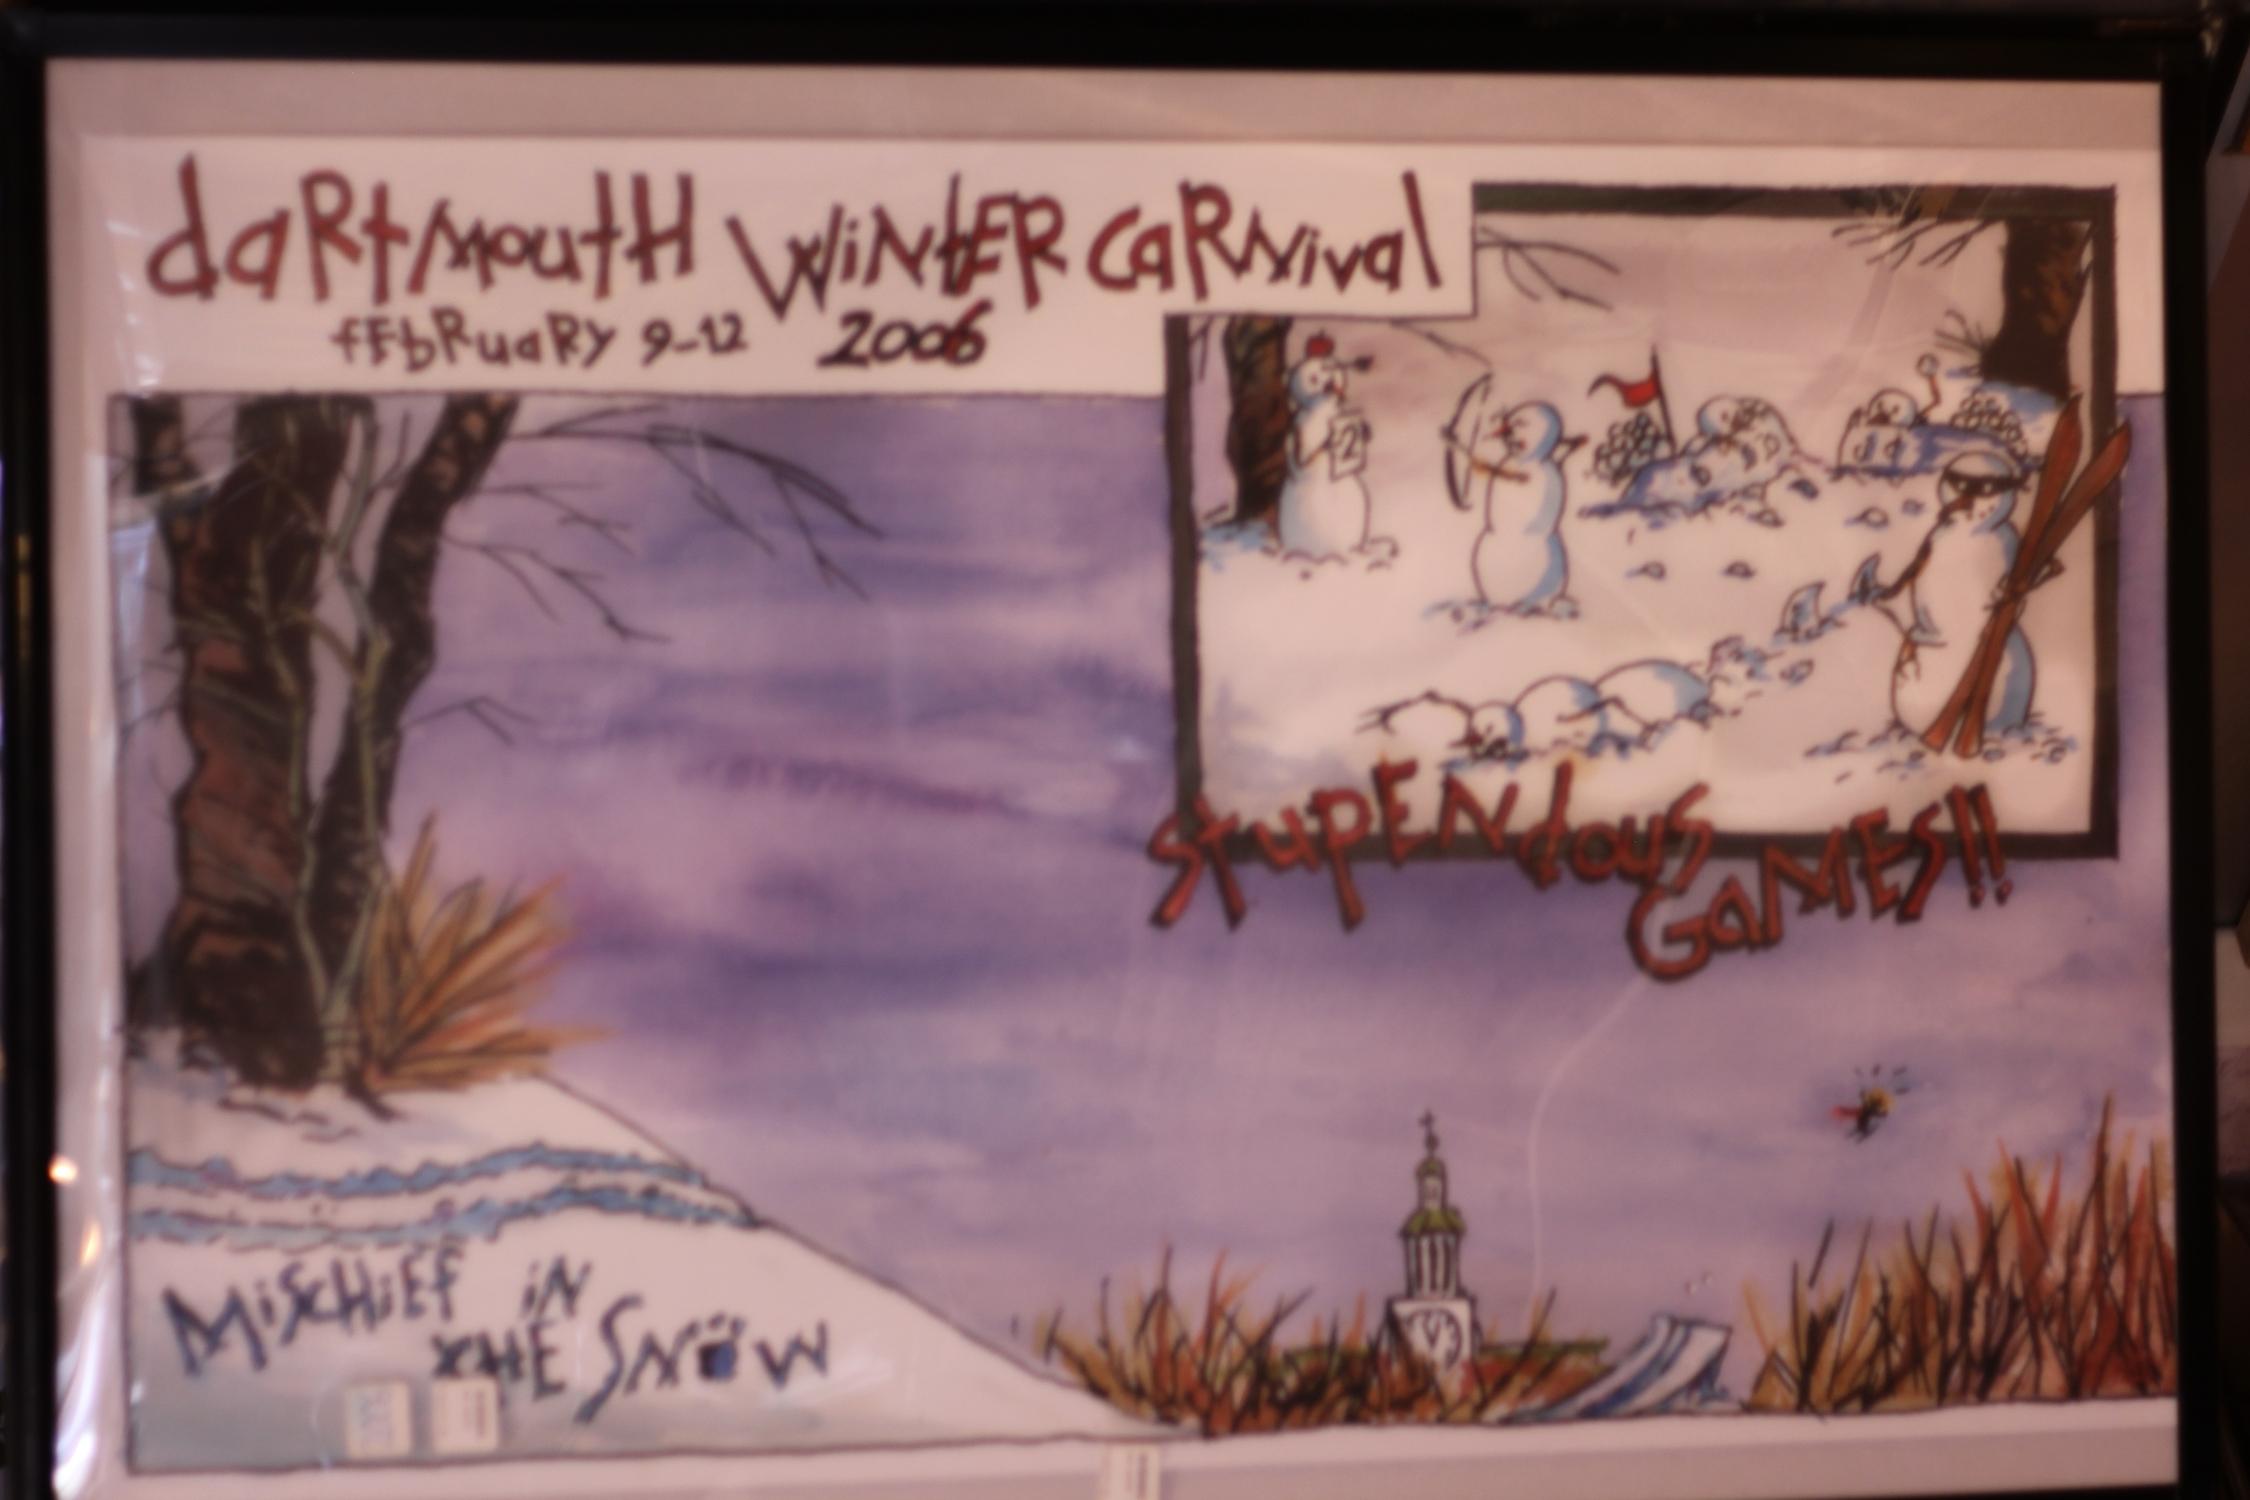 Dartmouth Winter Carnival 2006